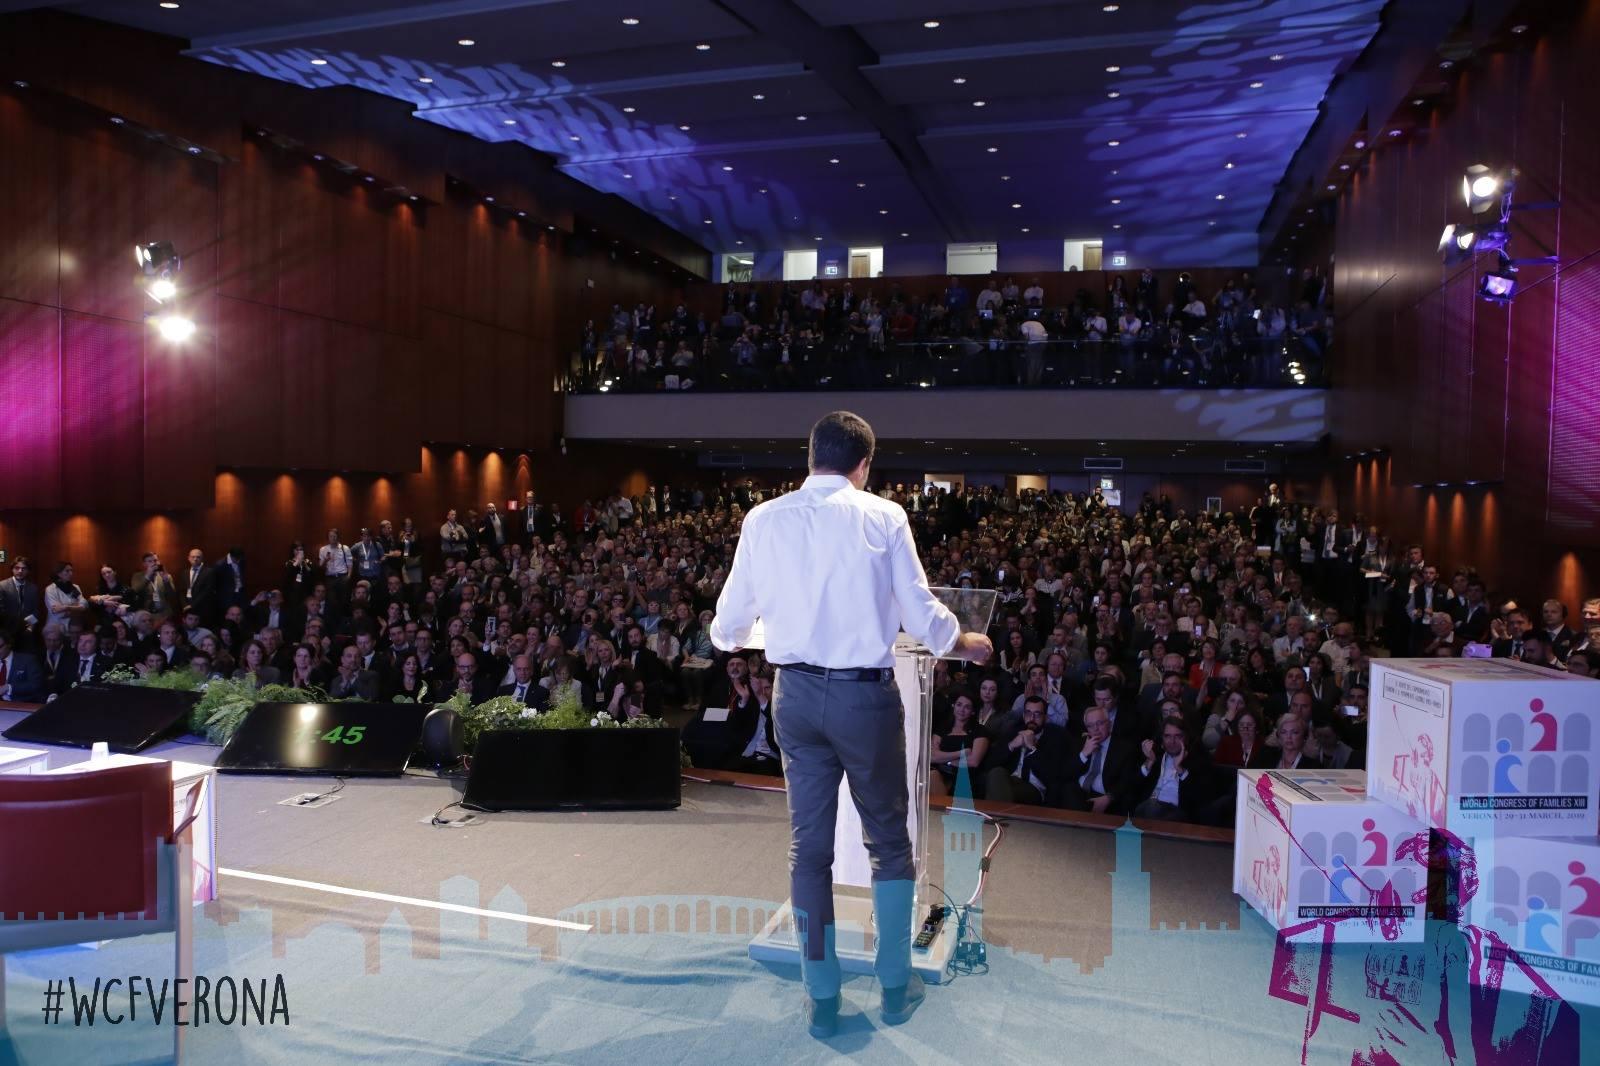 wcf salvini gran guardia congresso mondiale delle famiglie